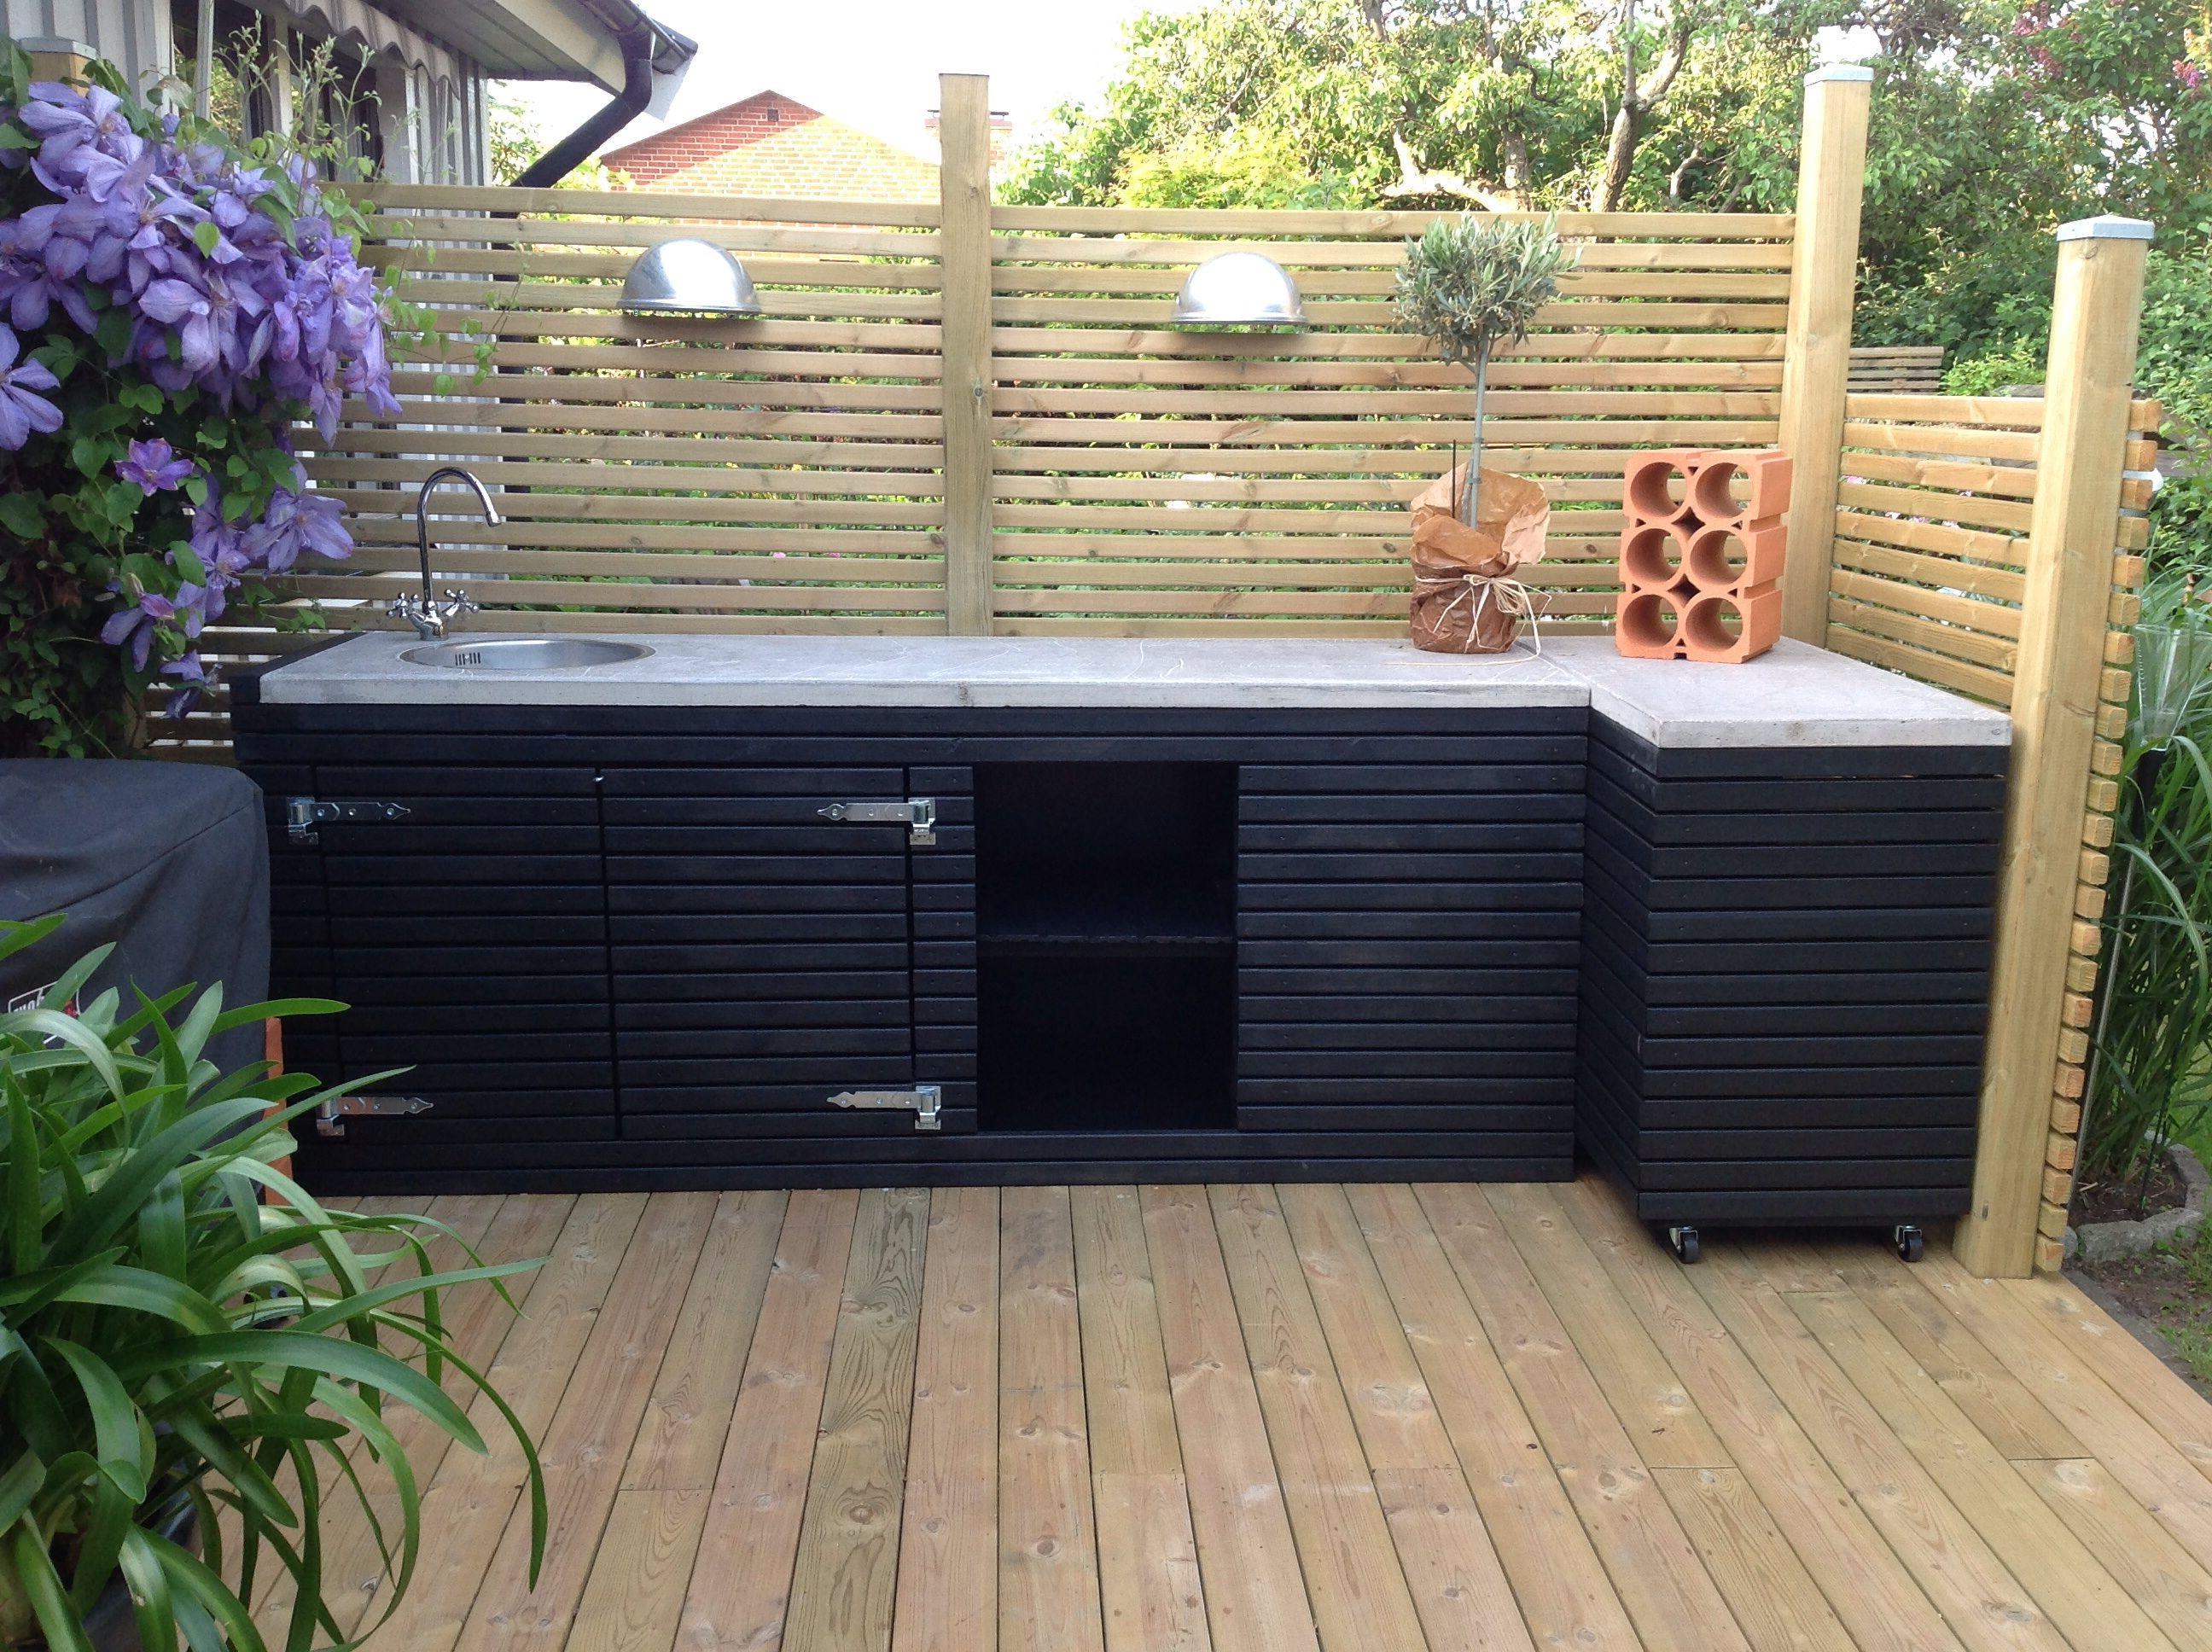 uteköket outdoor kitchen home appliances patio on outdoor kitchen appliances id=47331